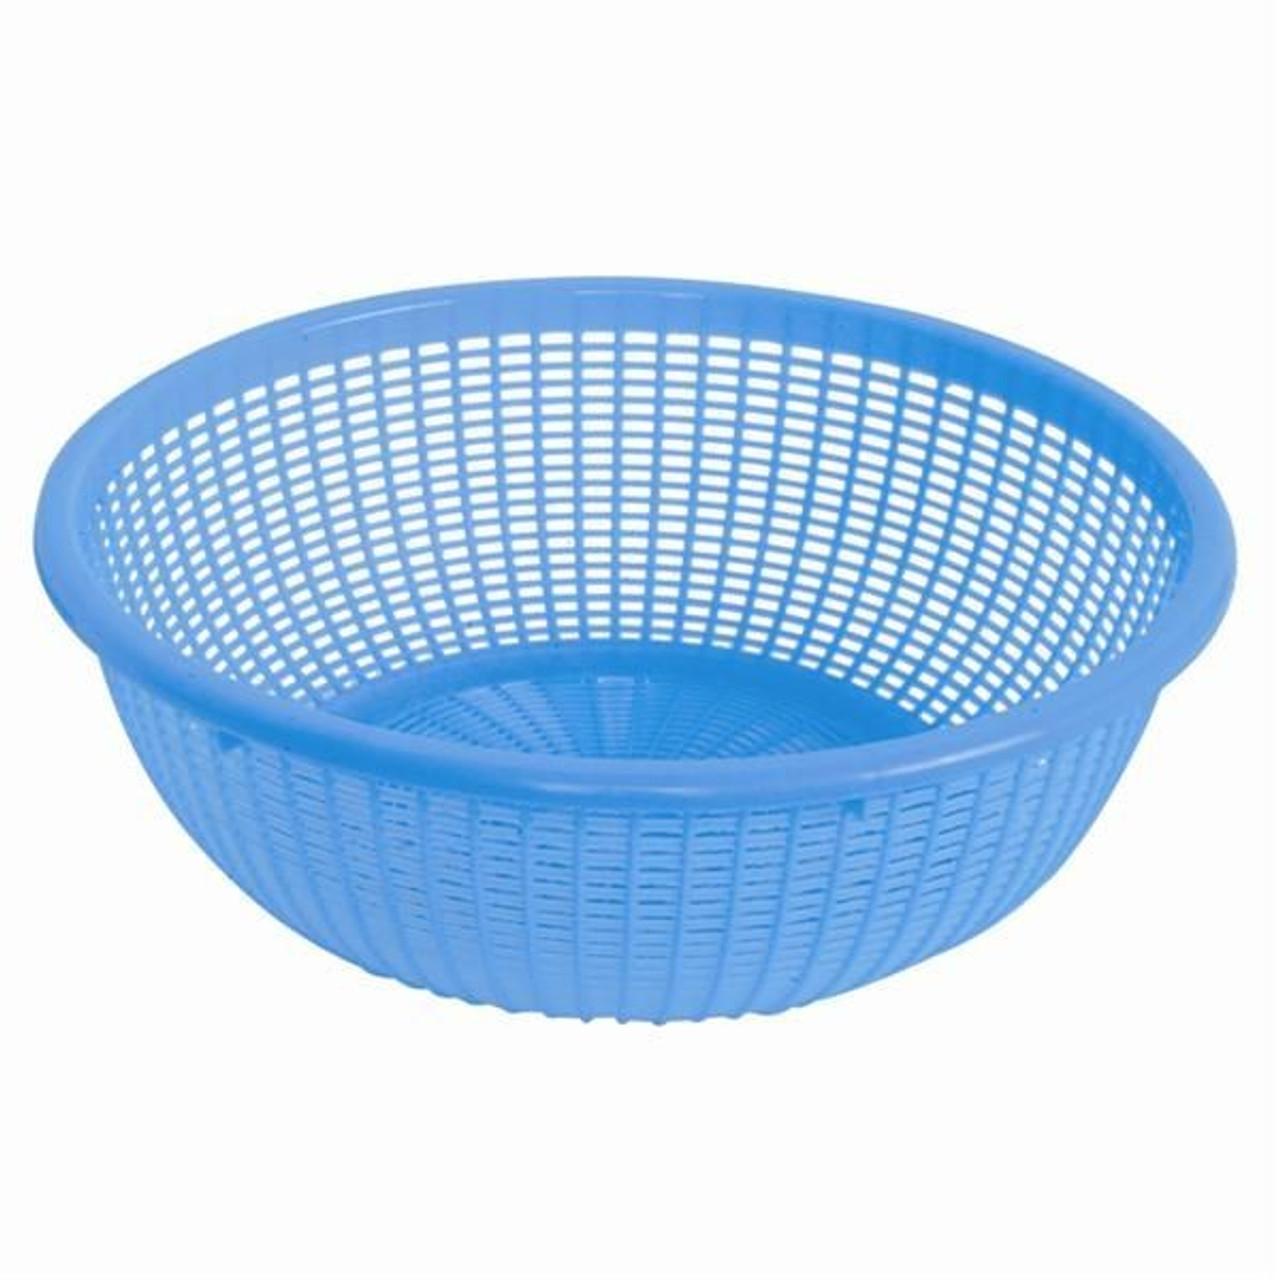 Wash and Rinse Strainer Colander Basket 11.5 inch round